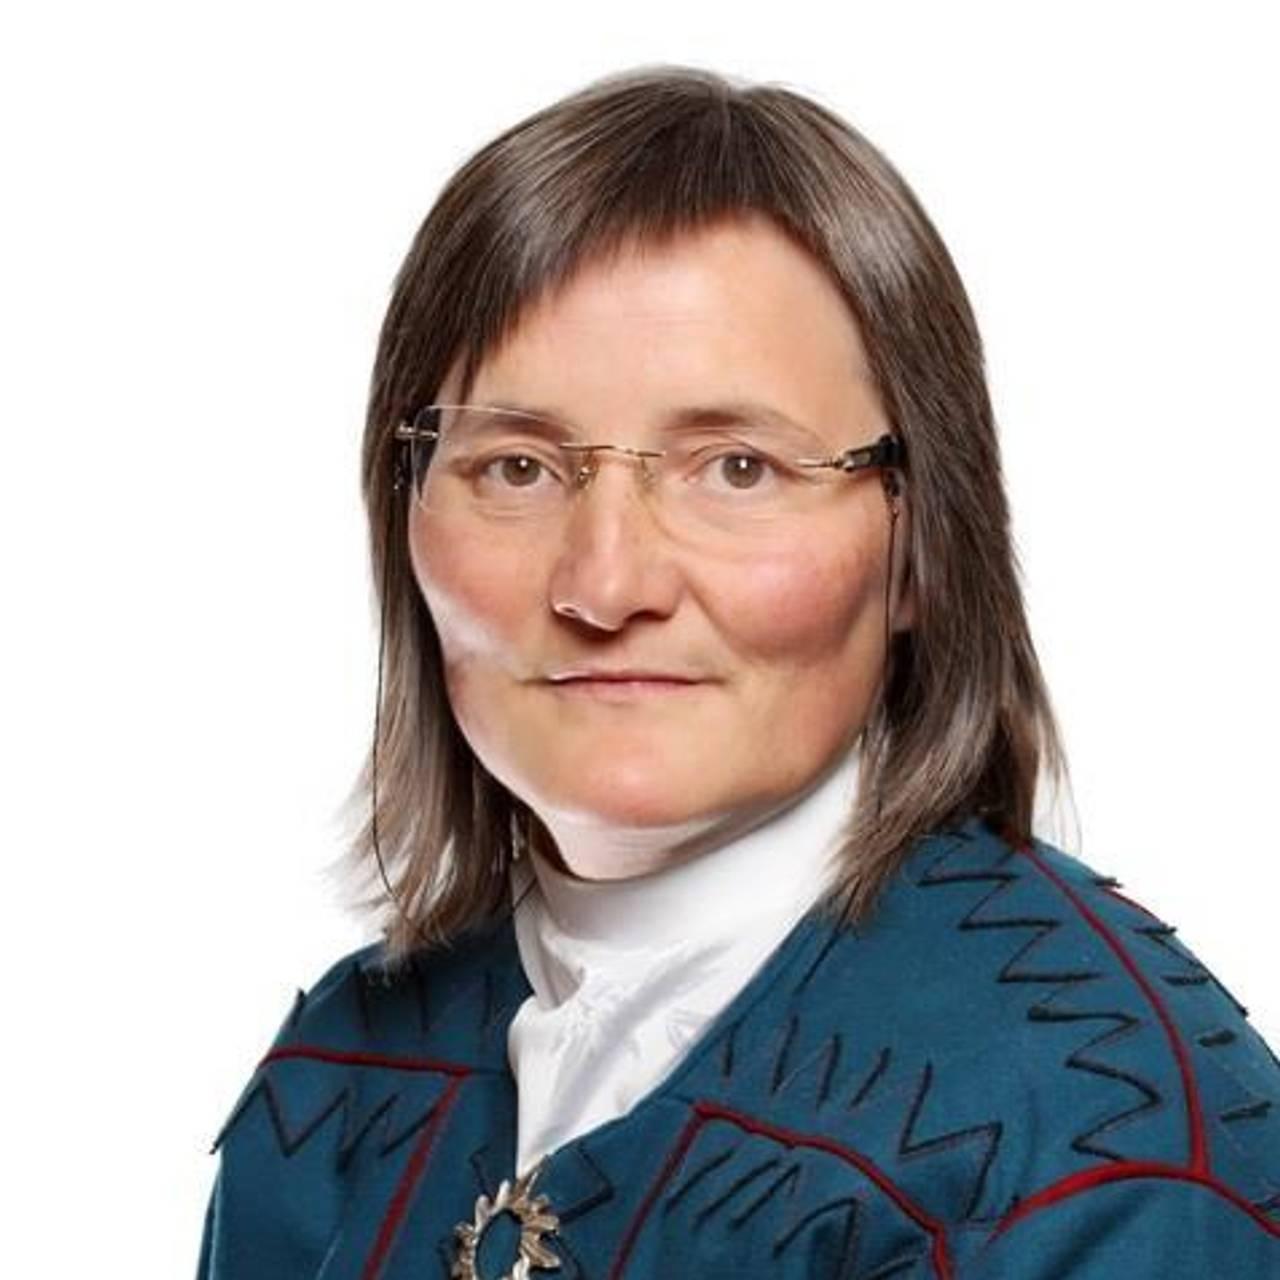 Bilde av Toril Bakken Kåven (53)